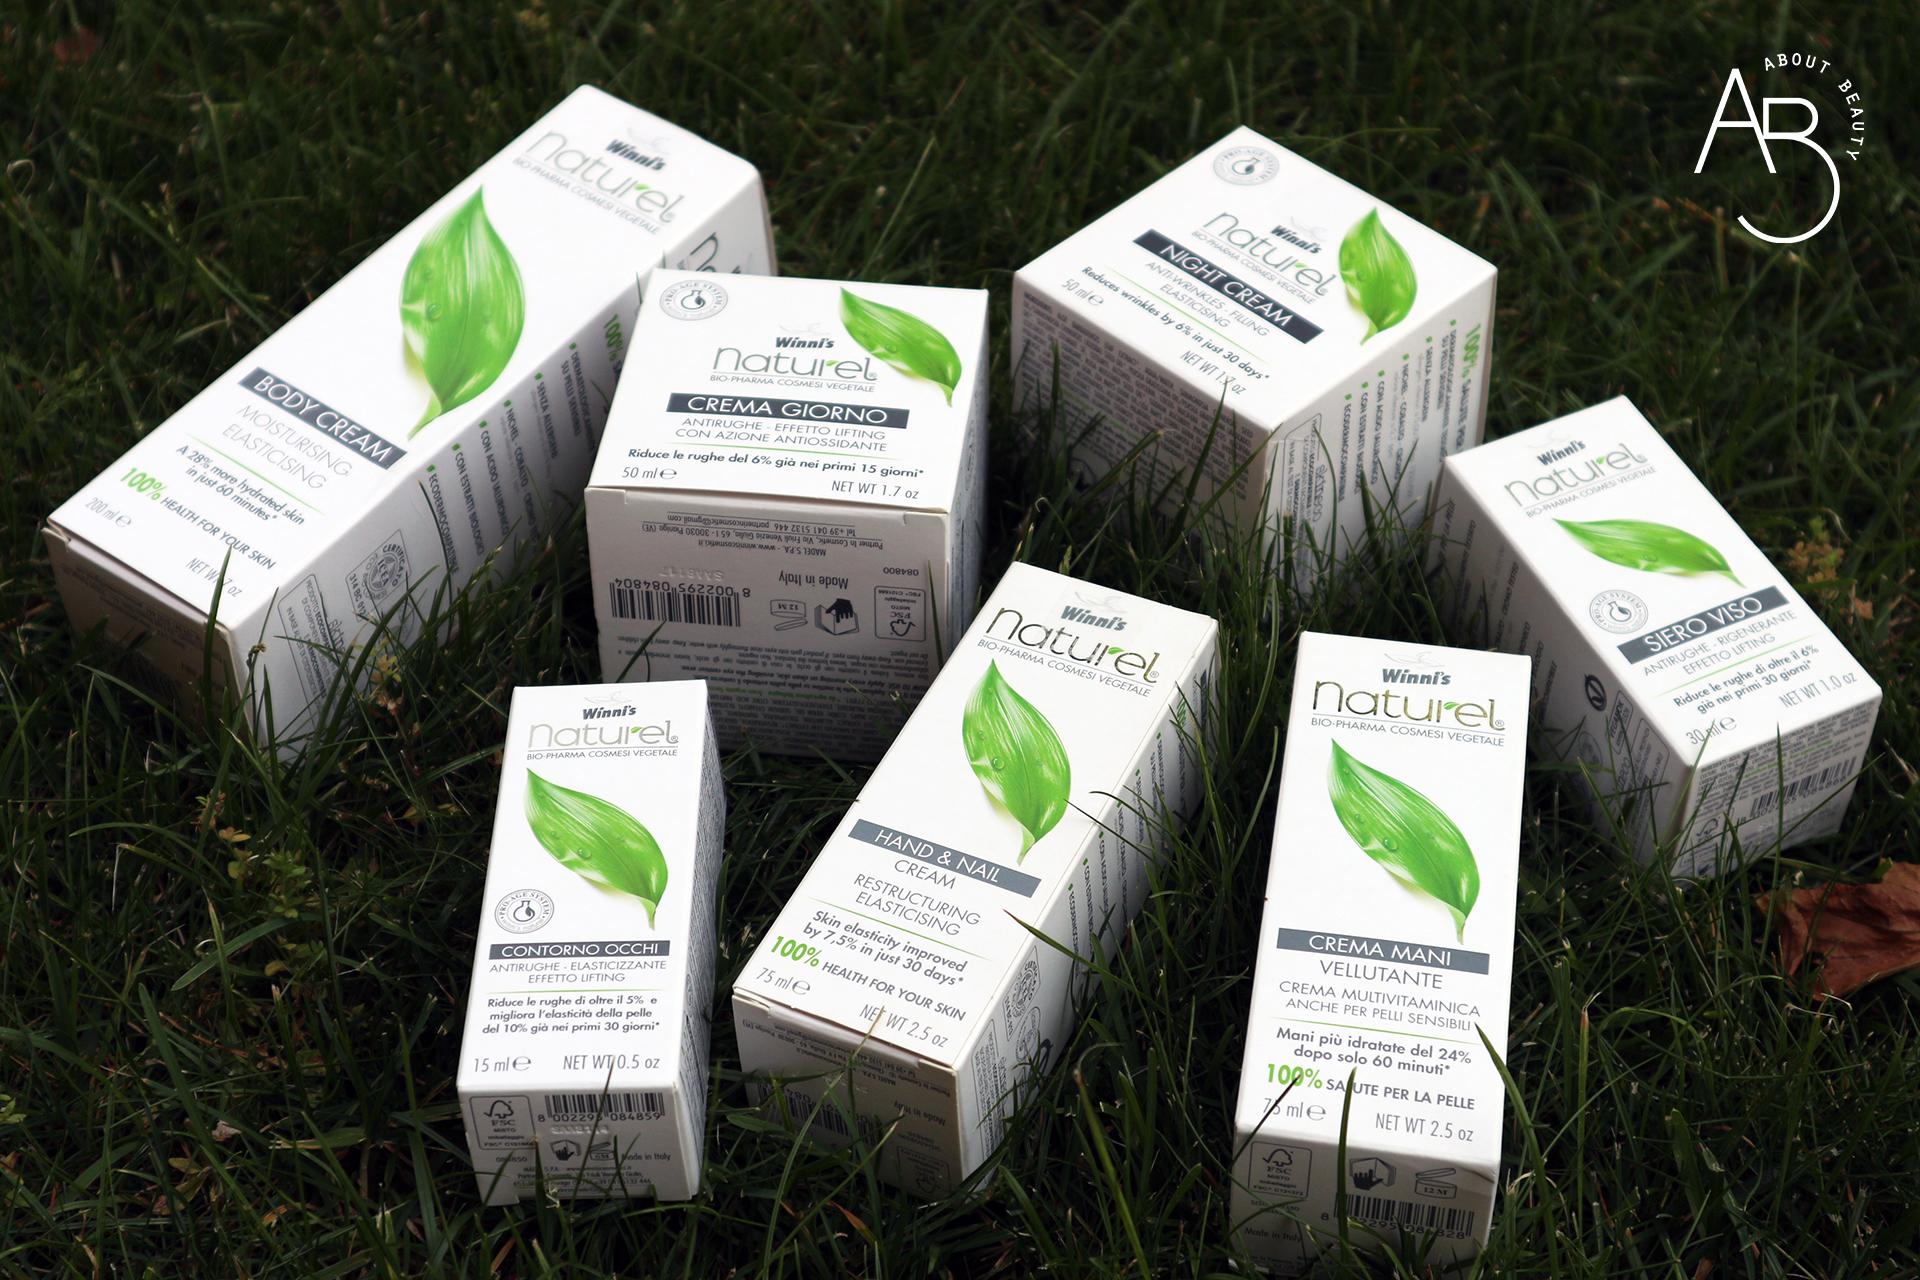 Winnis Cosmetici - Info recensione review opinioni prezzo dove acquistare inci - Packaging